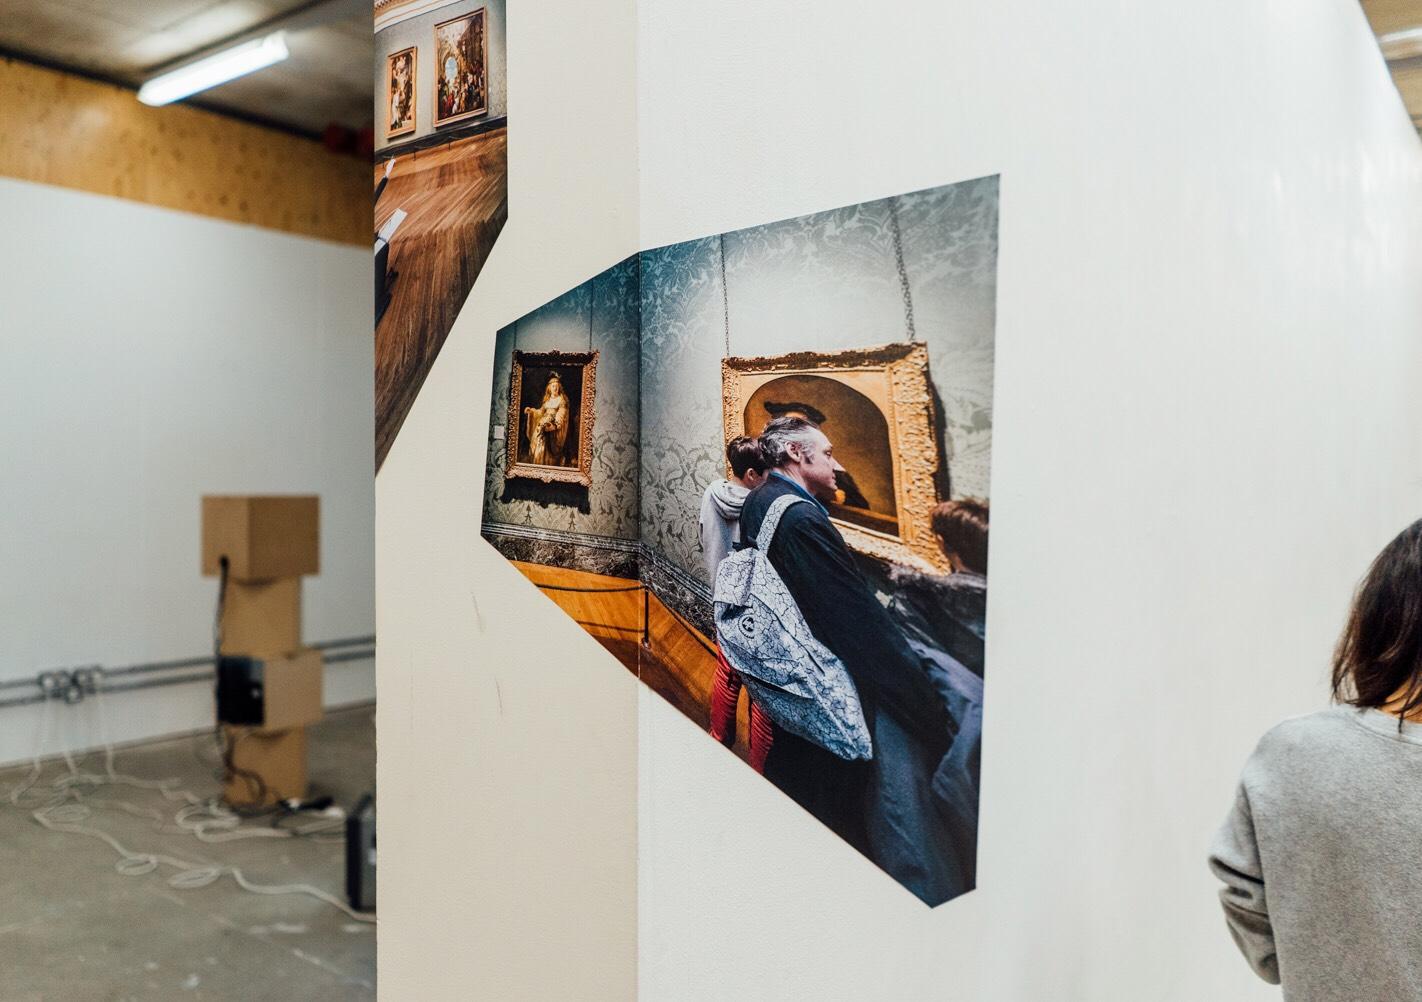 Frames, Ben Lansky